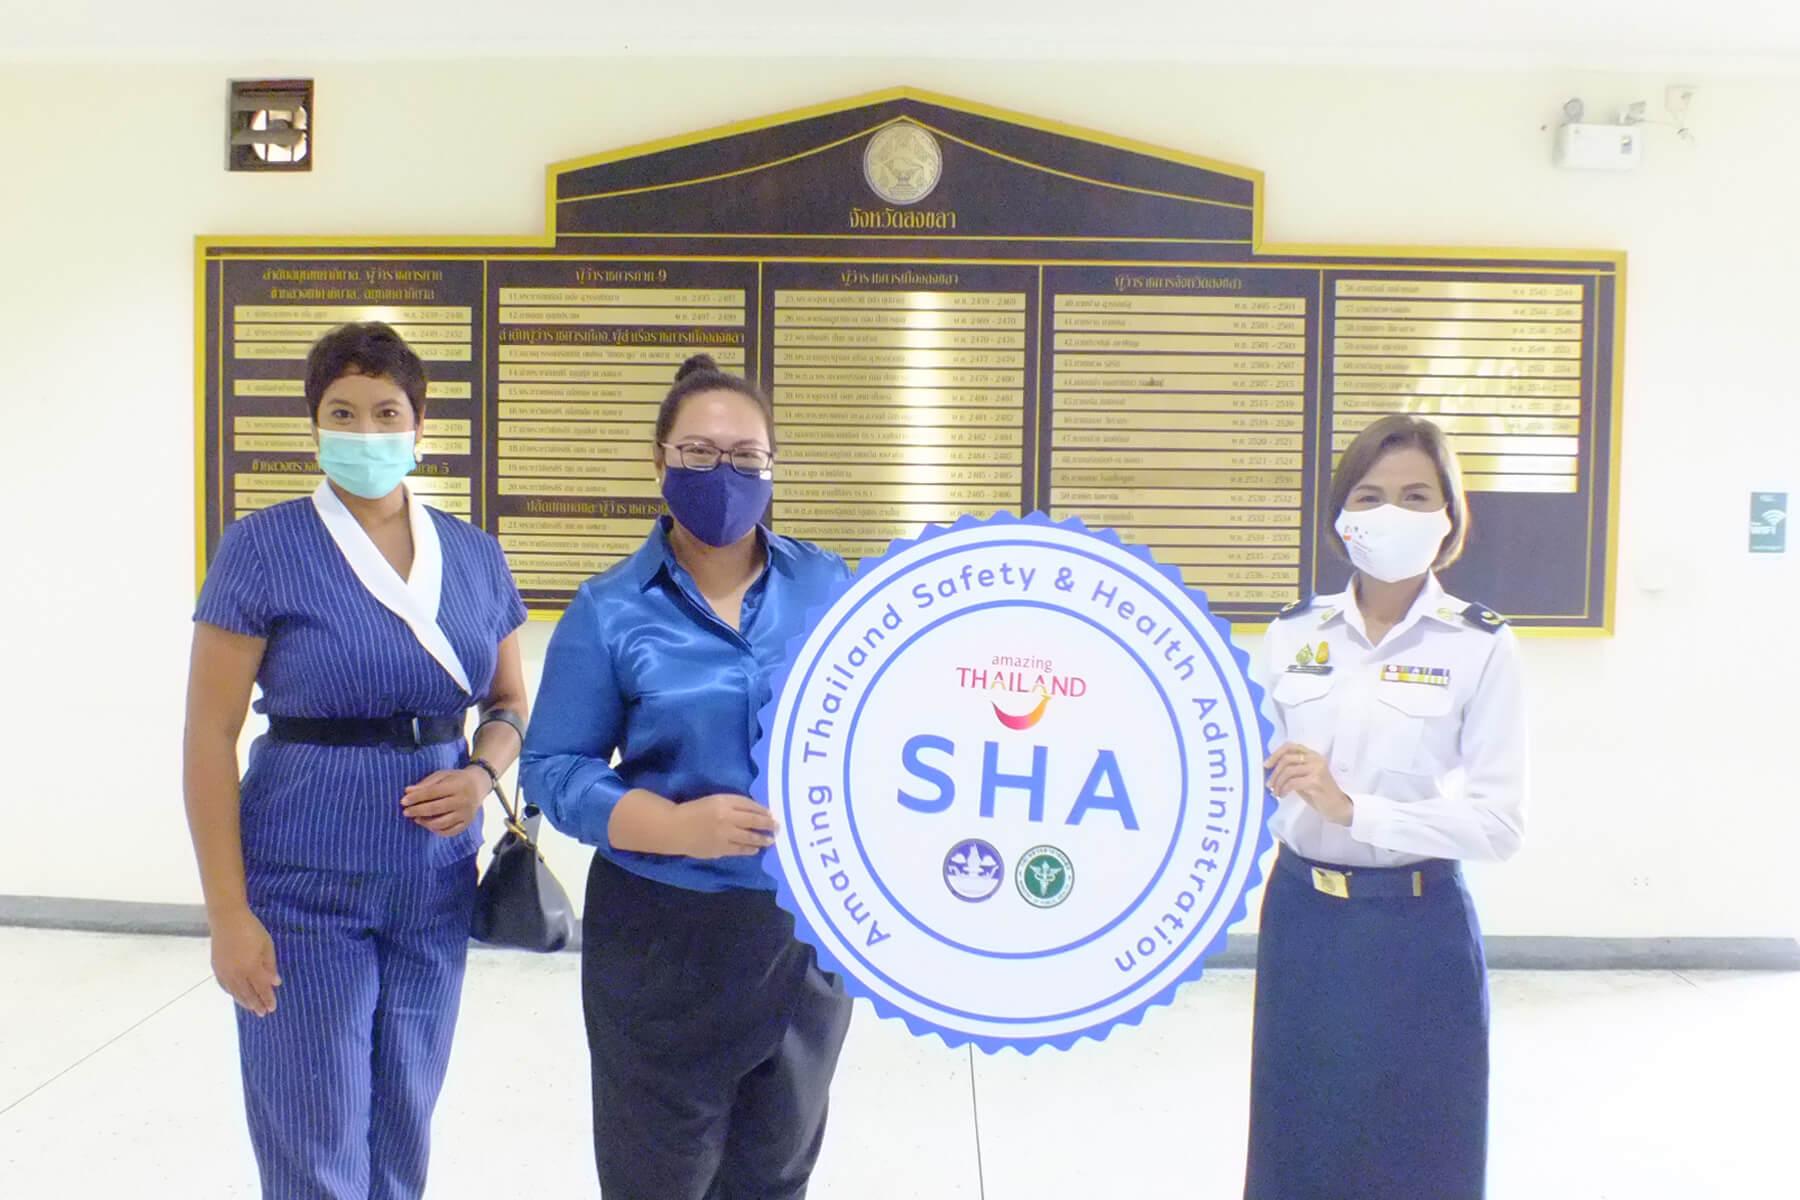 3 รับมอบสัญลักษณ์ SHA ICC HATYAI ศูนย์ประชุมนานาชาติฉลองสิริราชสมบัติครบ ๖๐ ปี